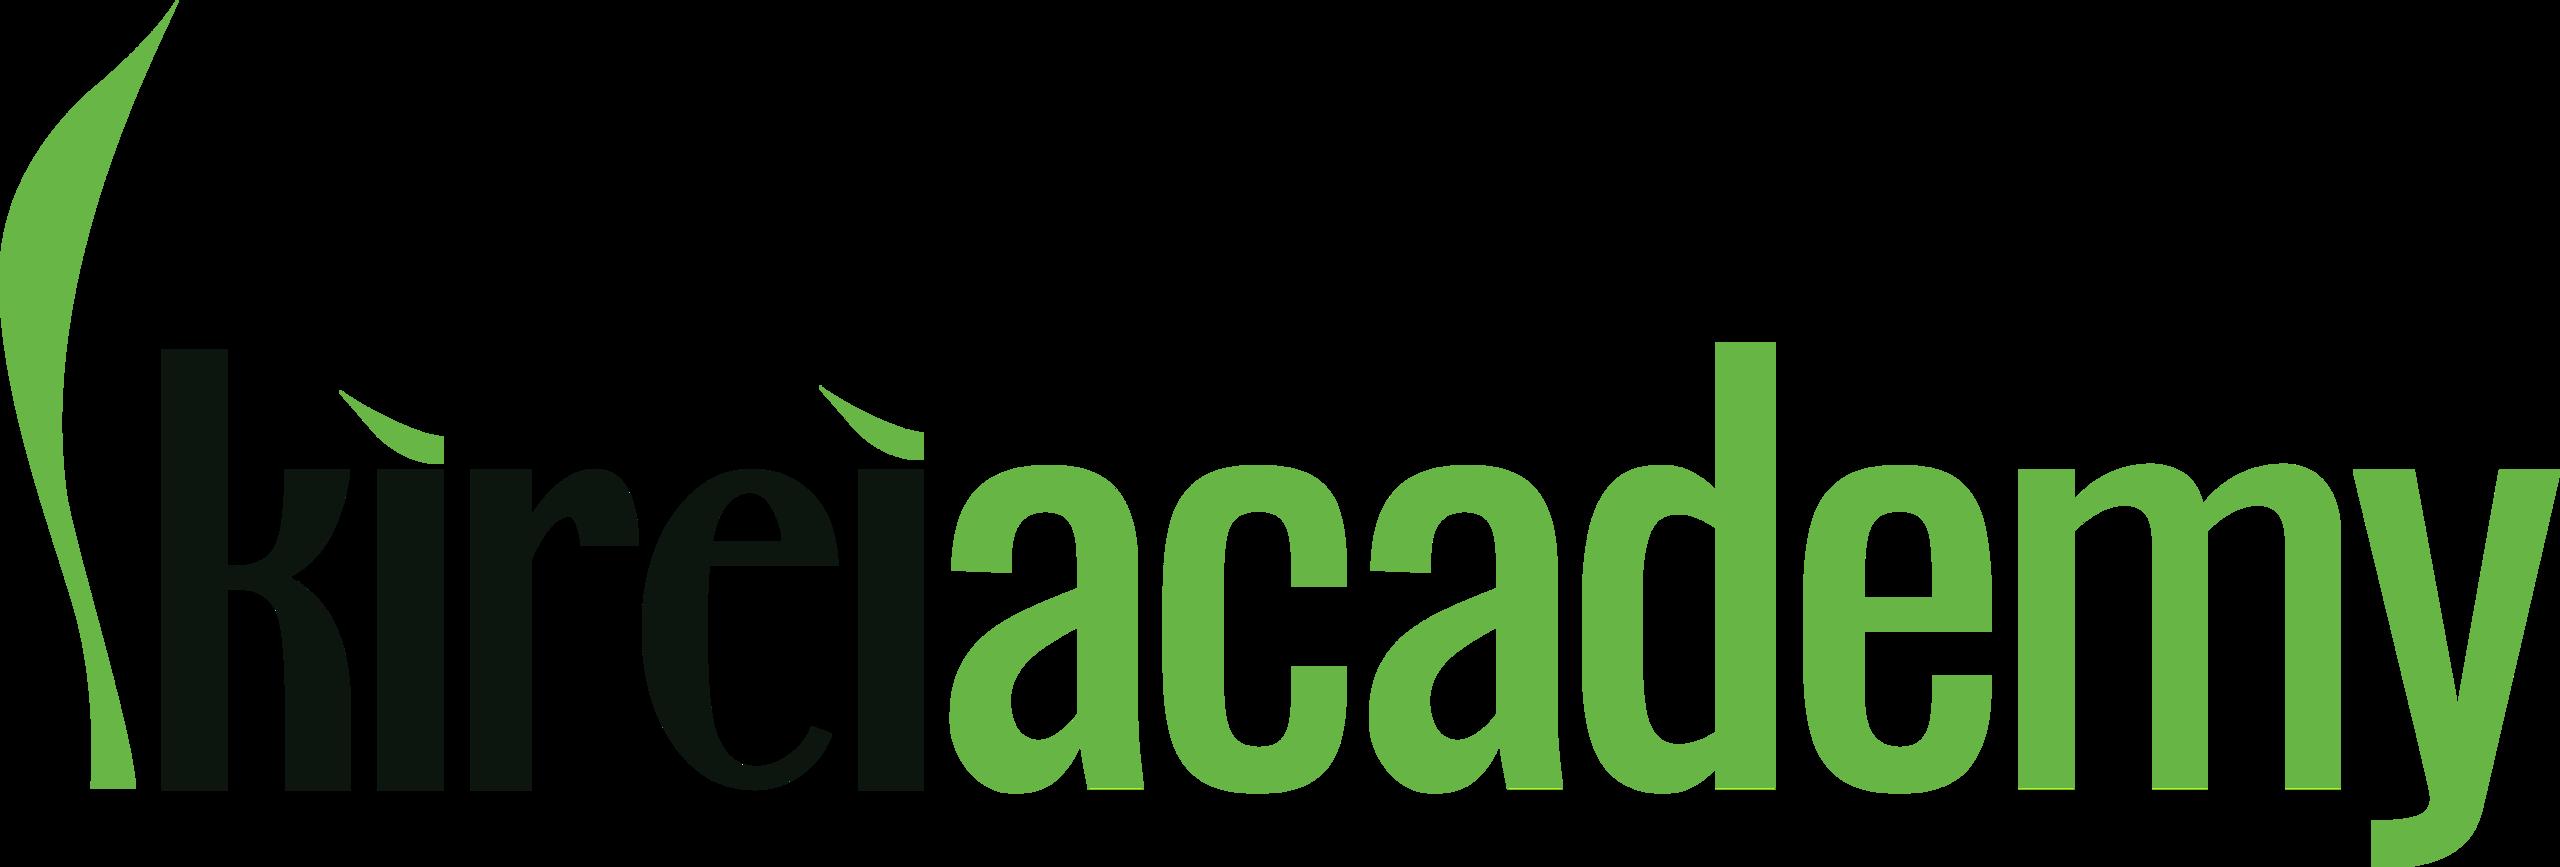 Kirei Academy - Formazione interna per il network marketing